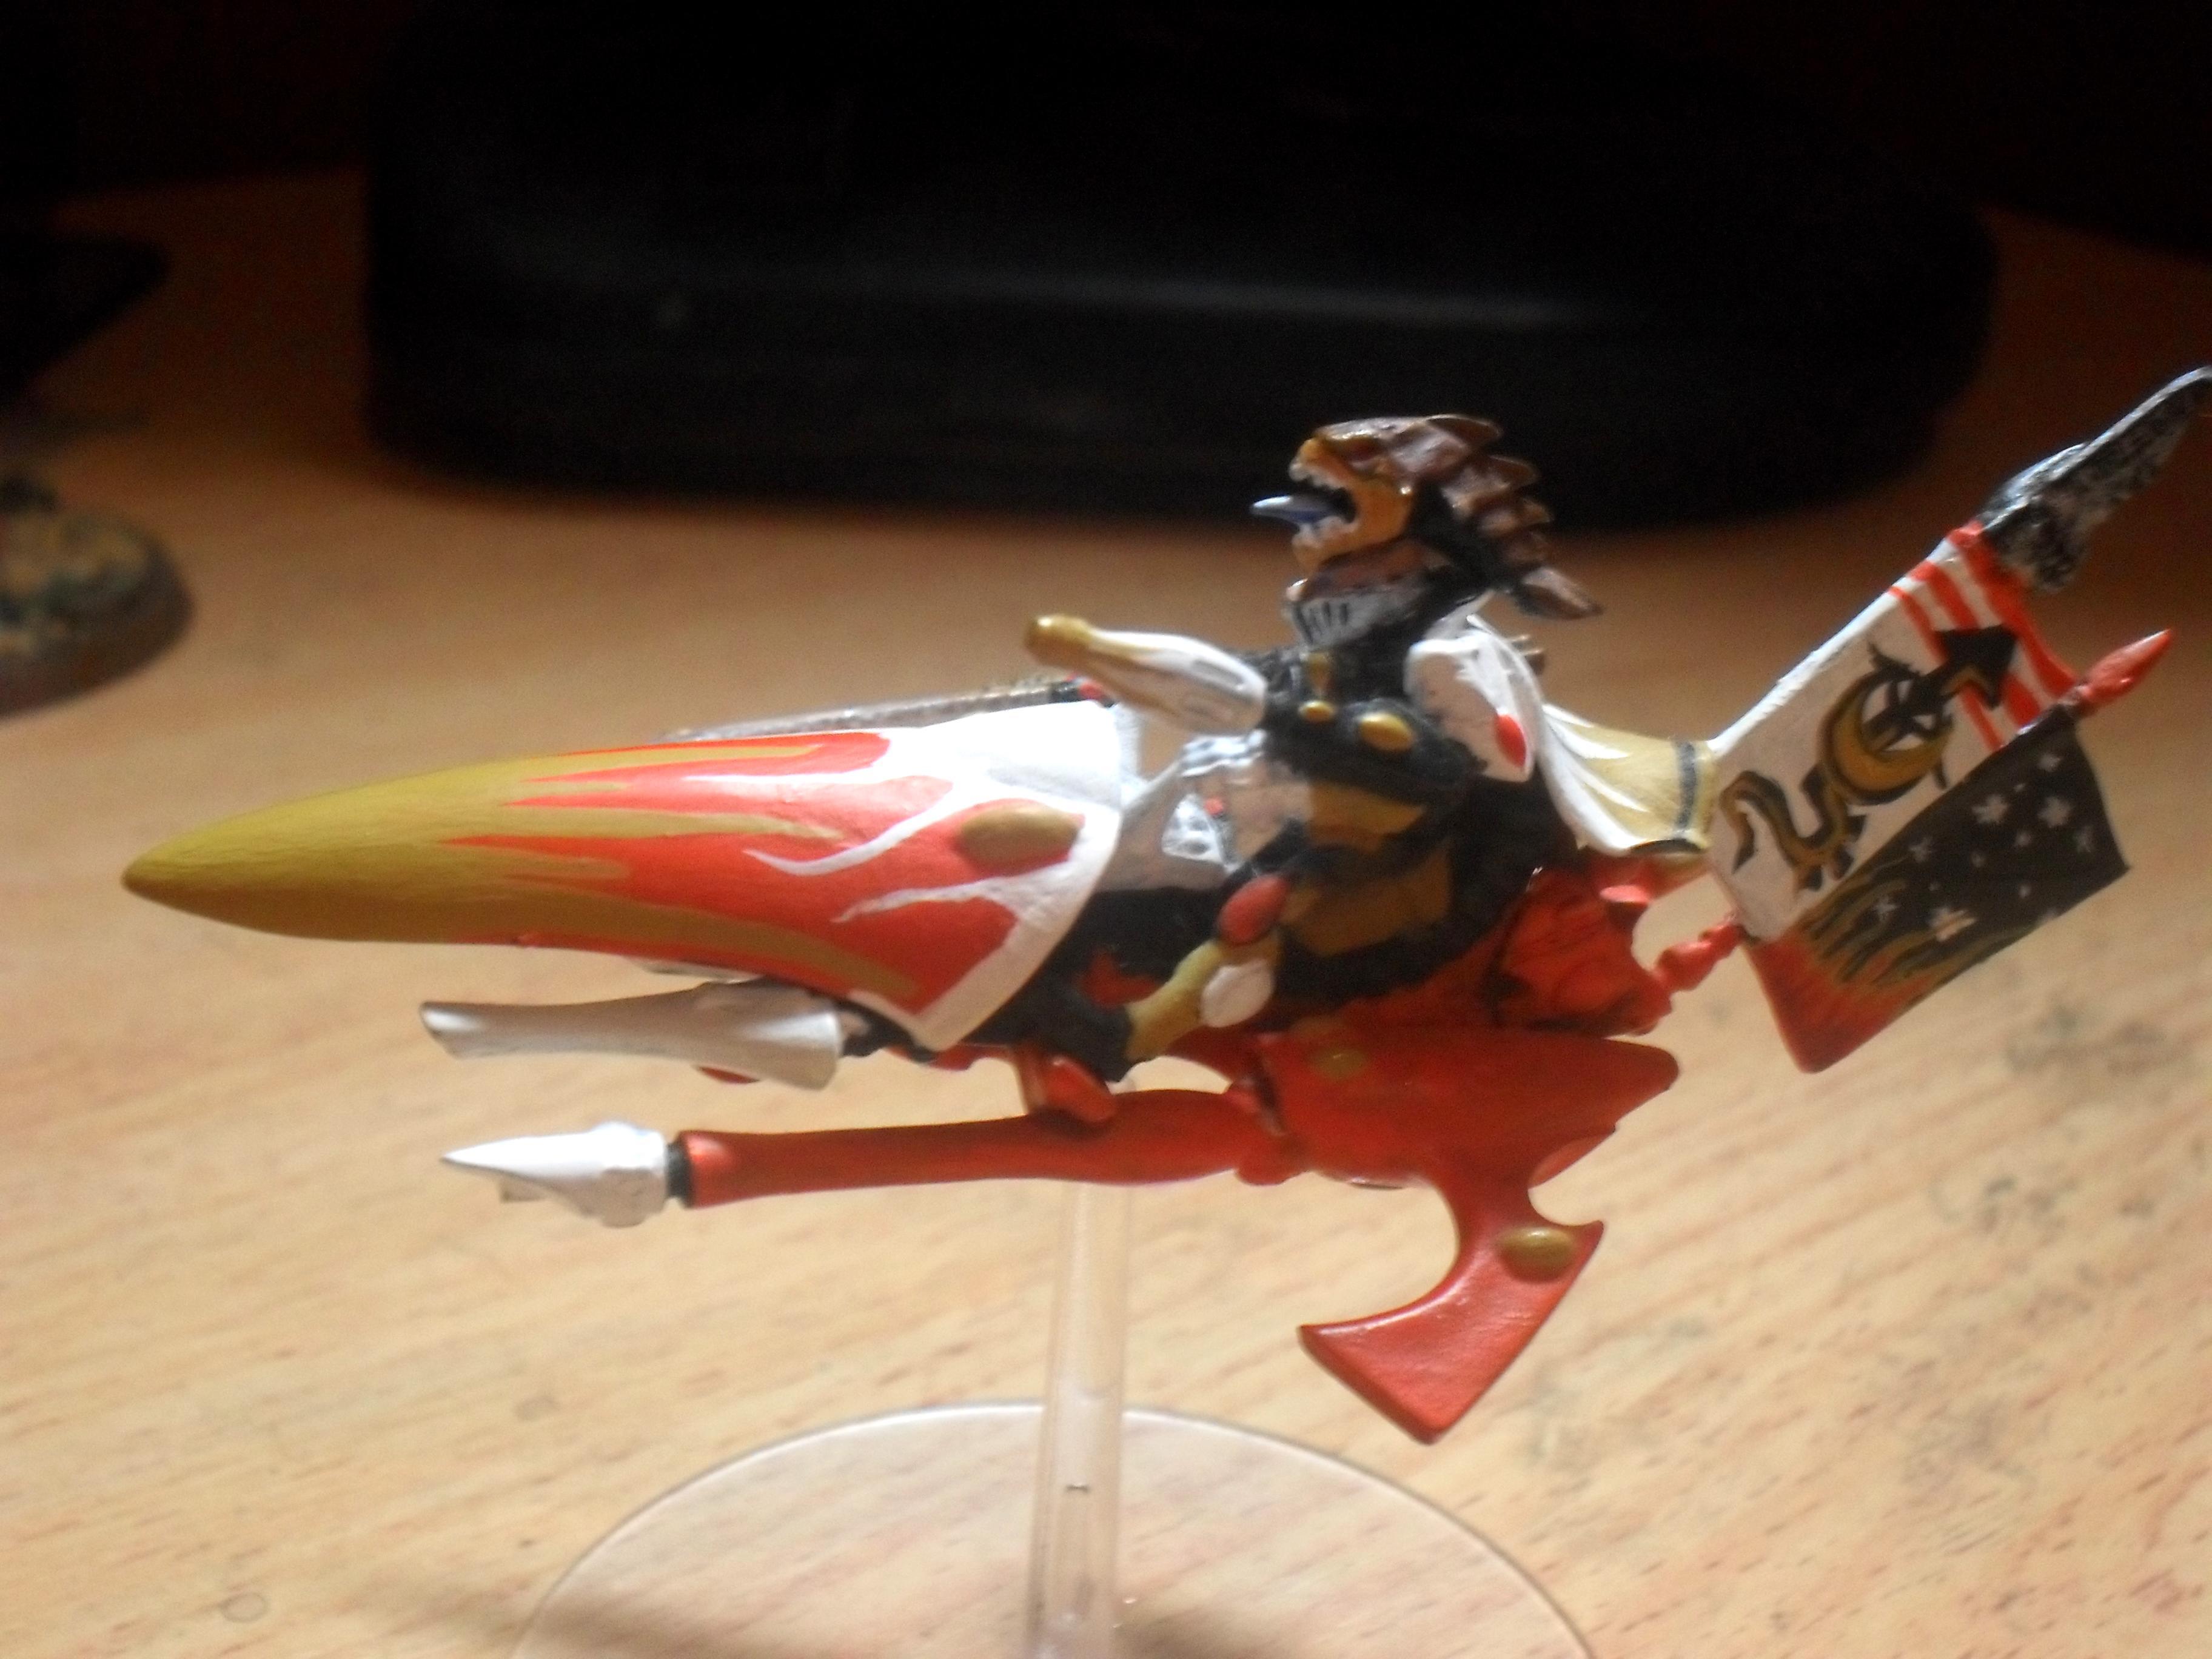 Craftworld, Eldar, Warhammer 40,000